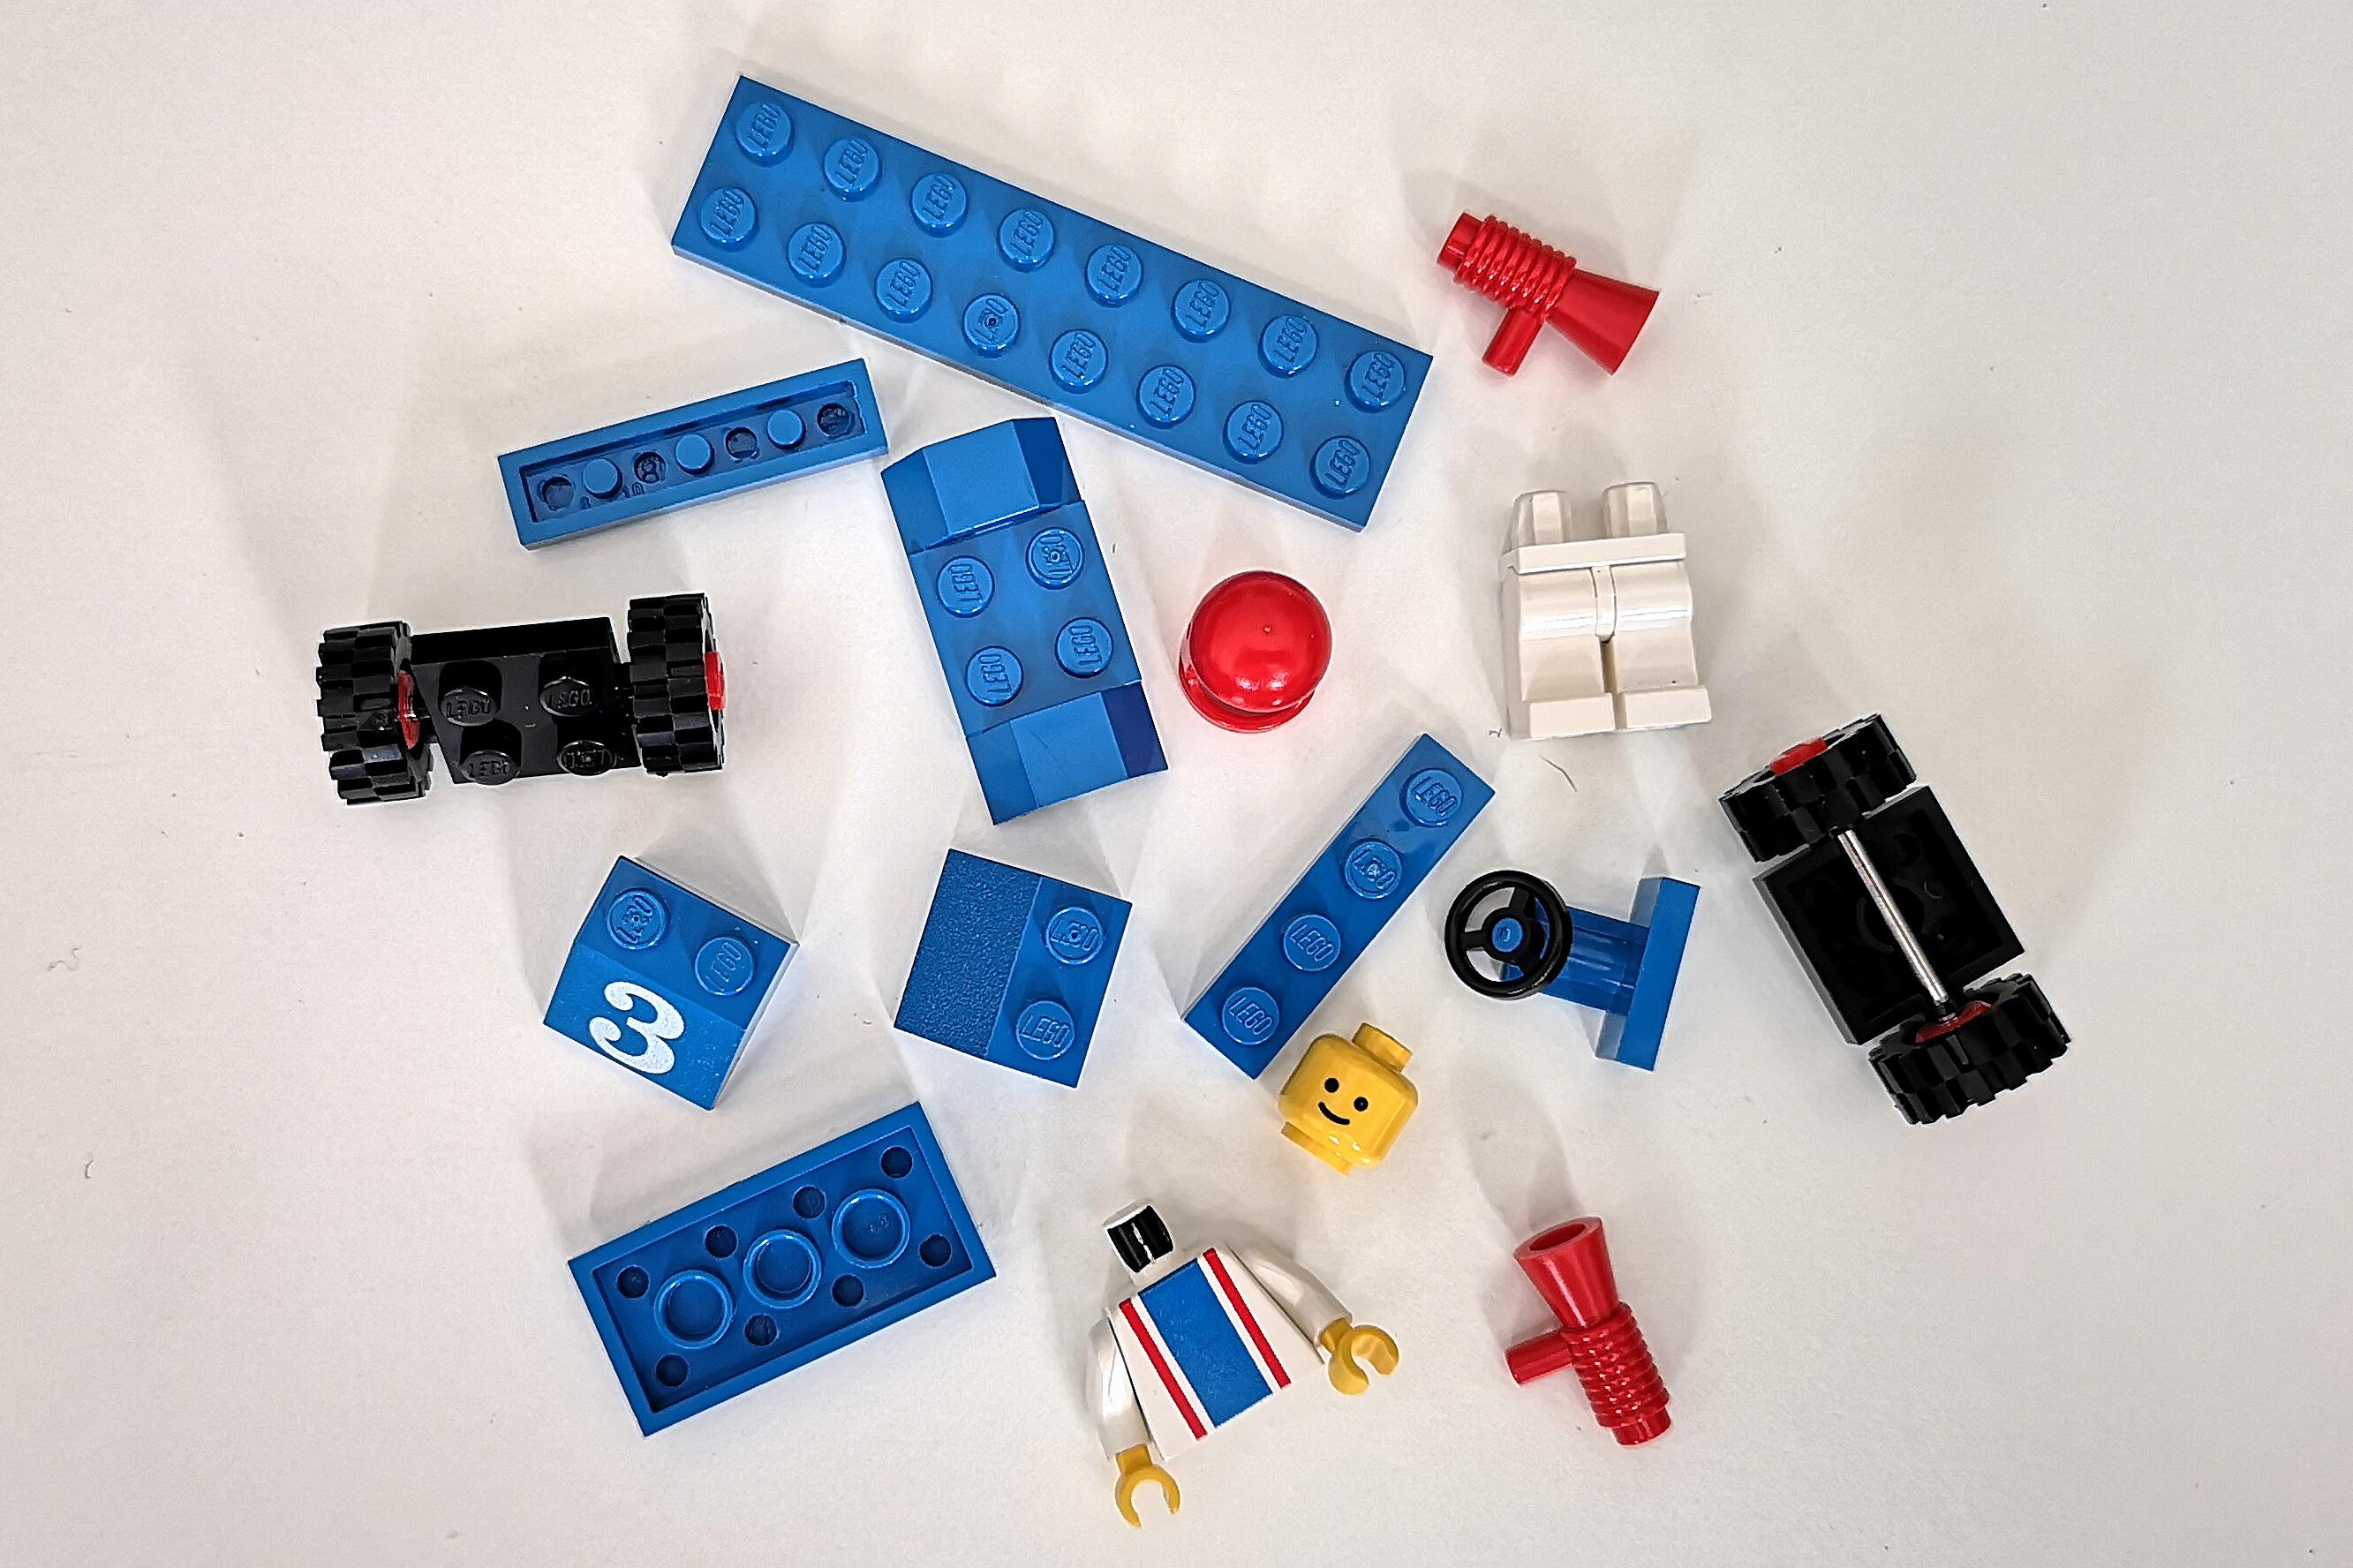 LEGO Review 6605 alle Teile auf einen Blick